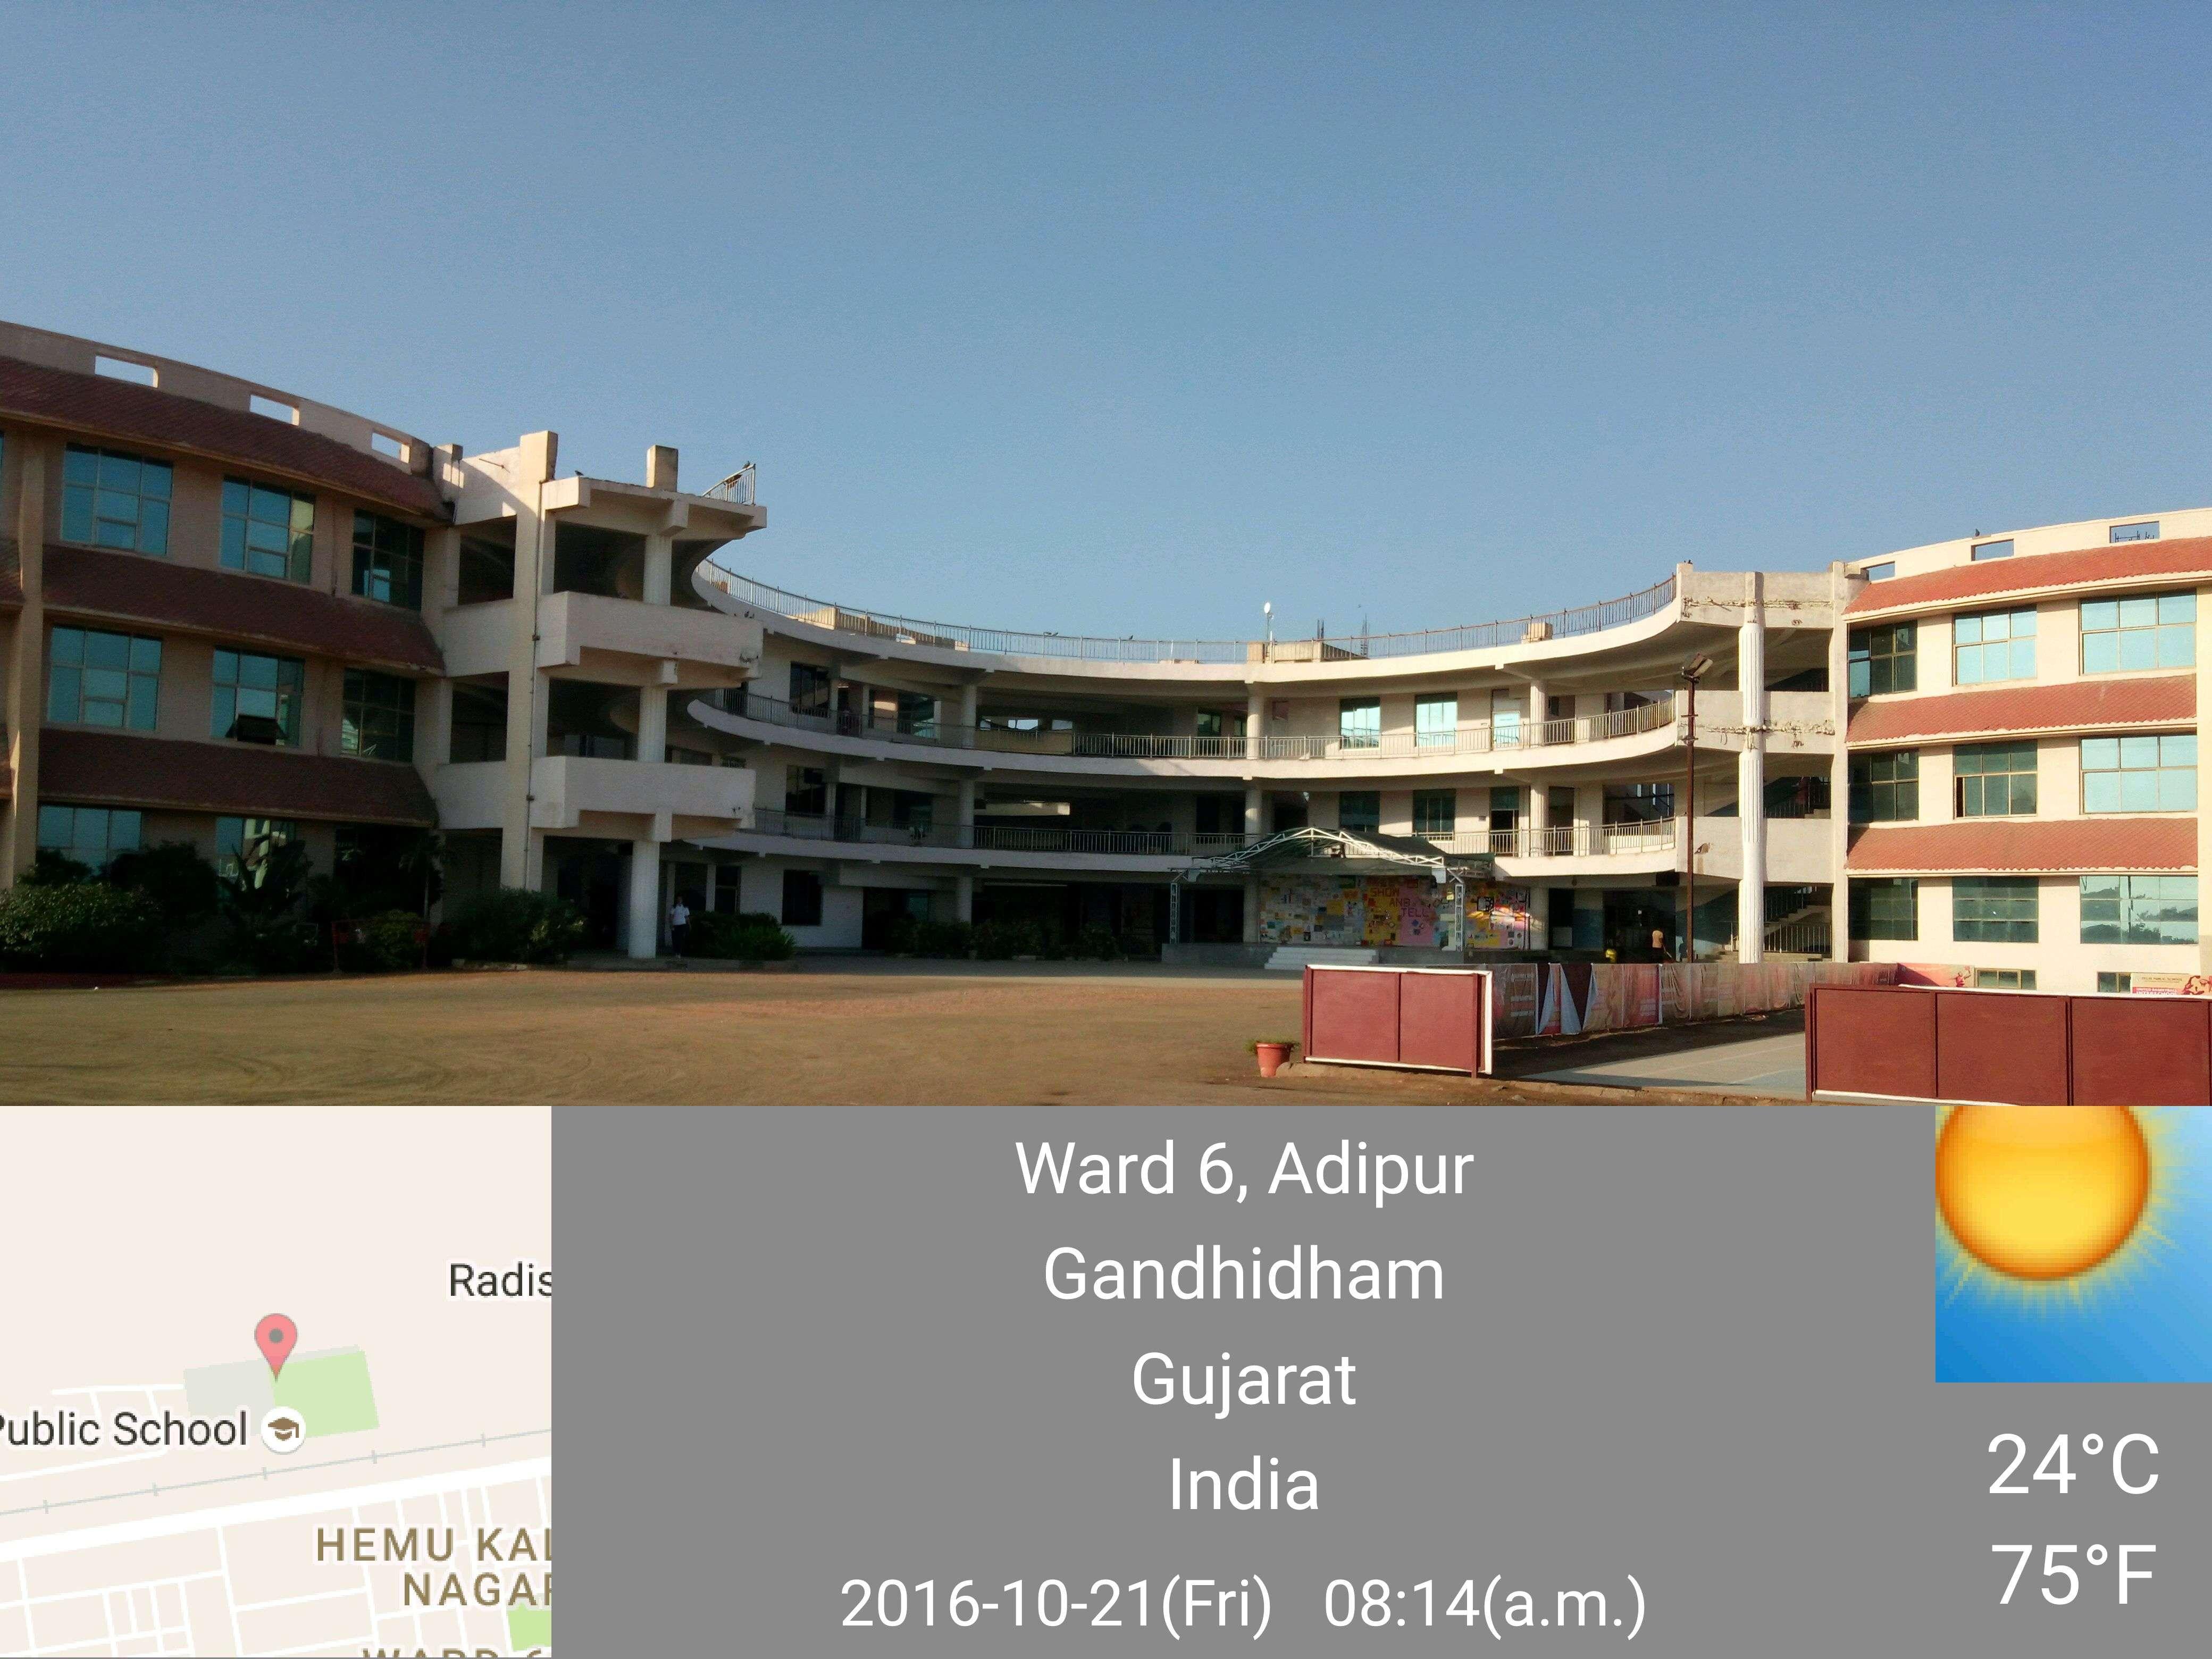 DELHI PUBLIC SCHOOL KUTCH BHUJ GANDHIDHAM GUJARAT 430090